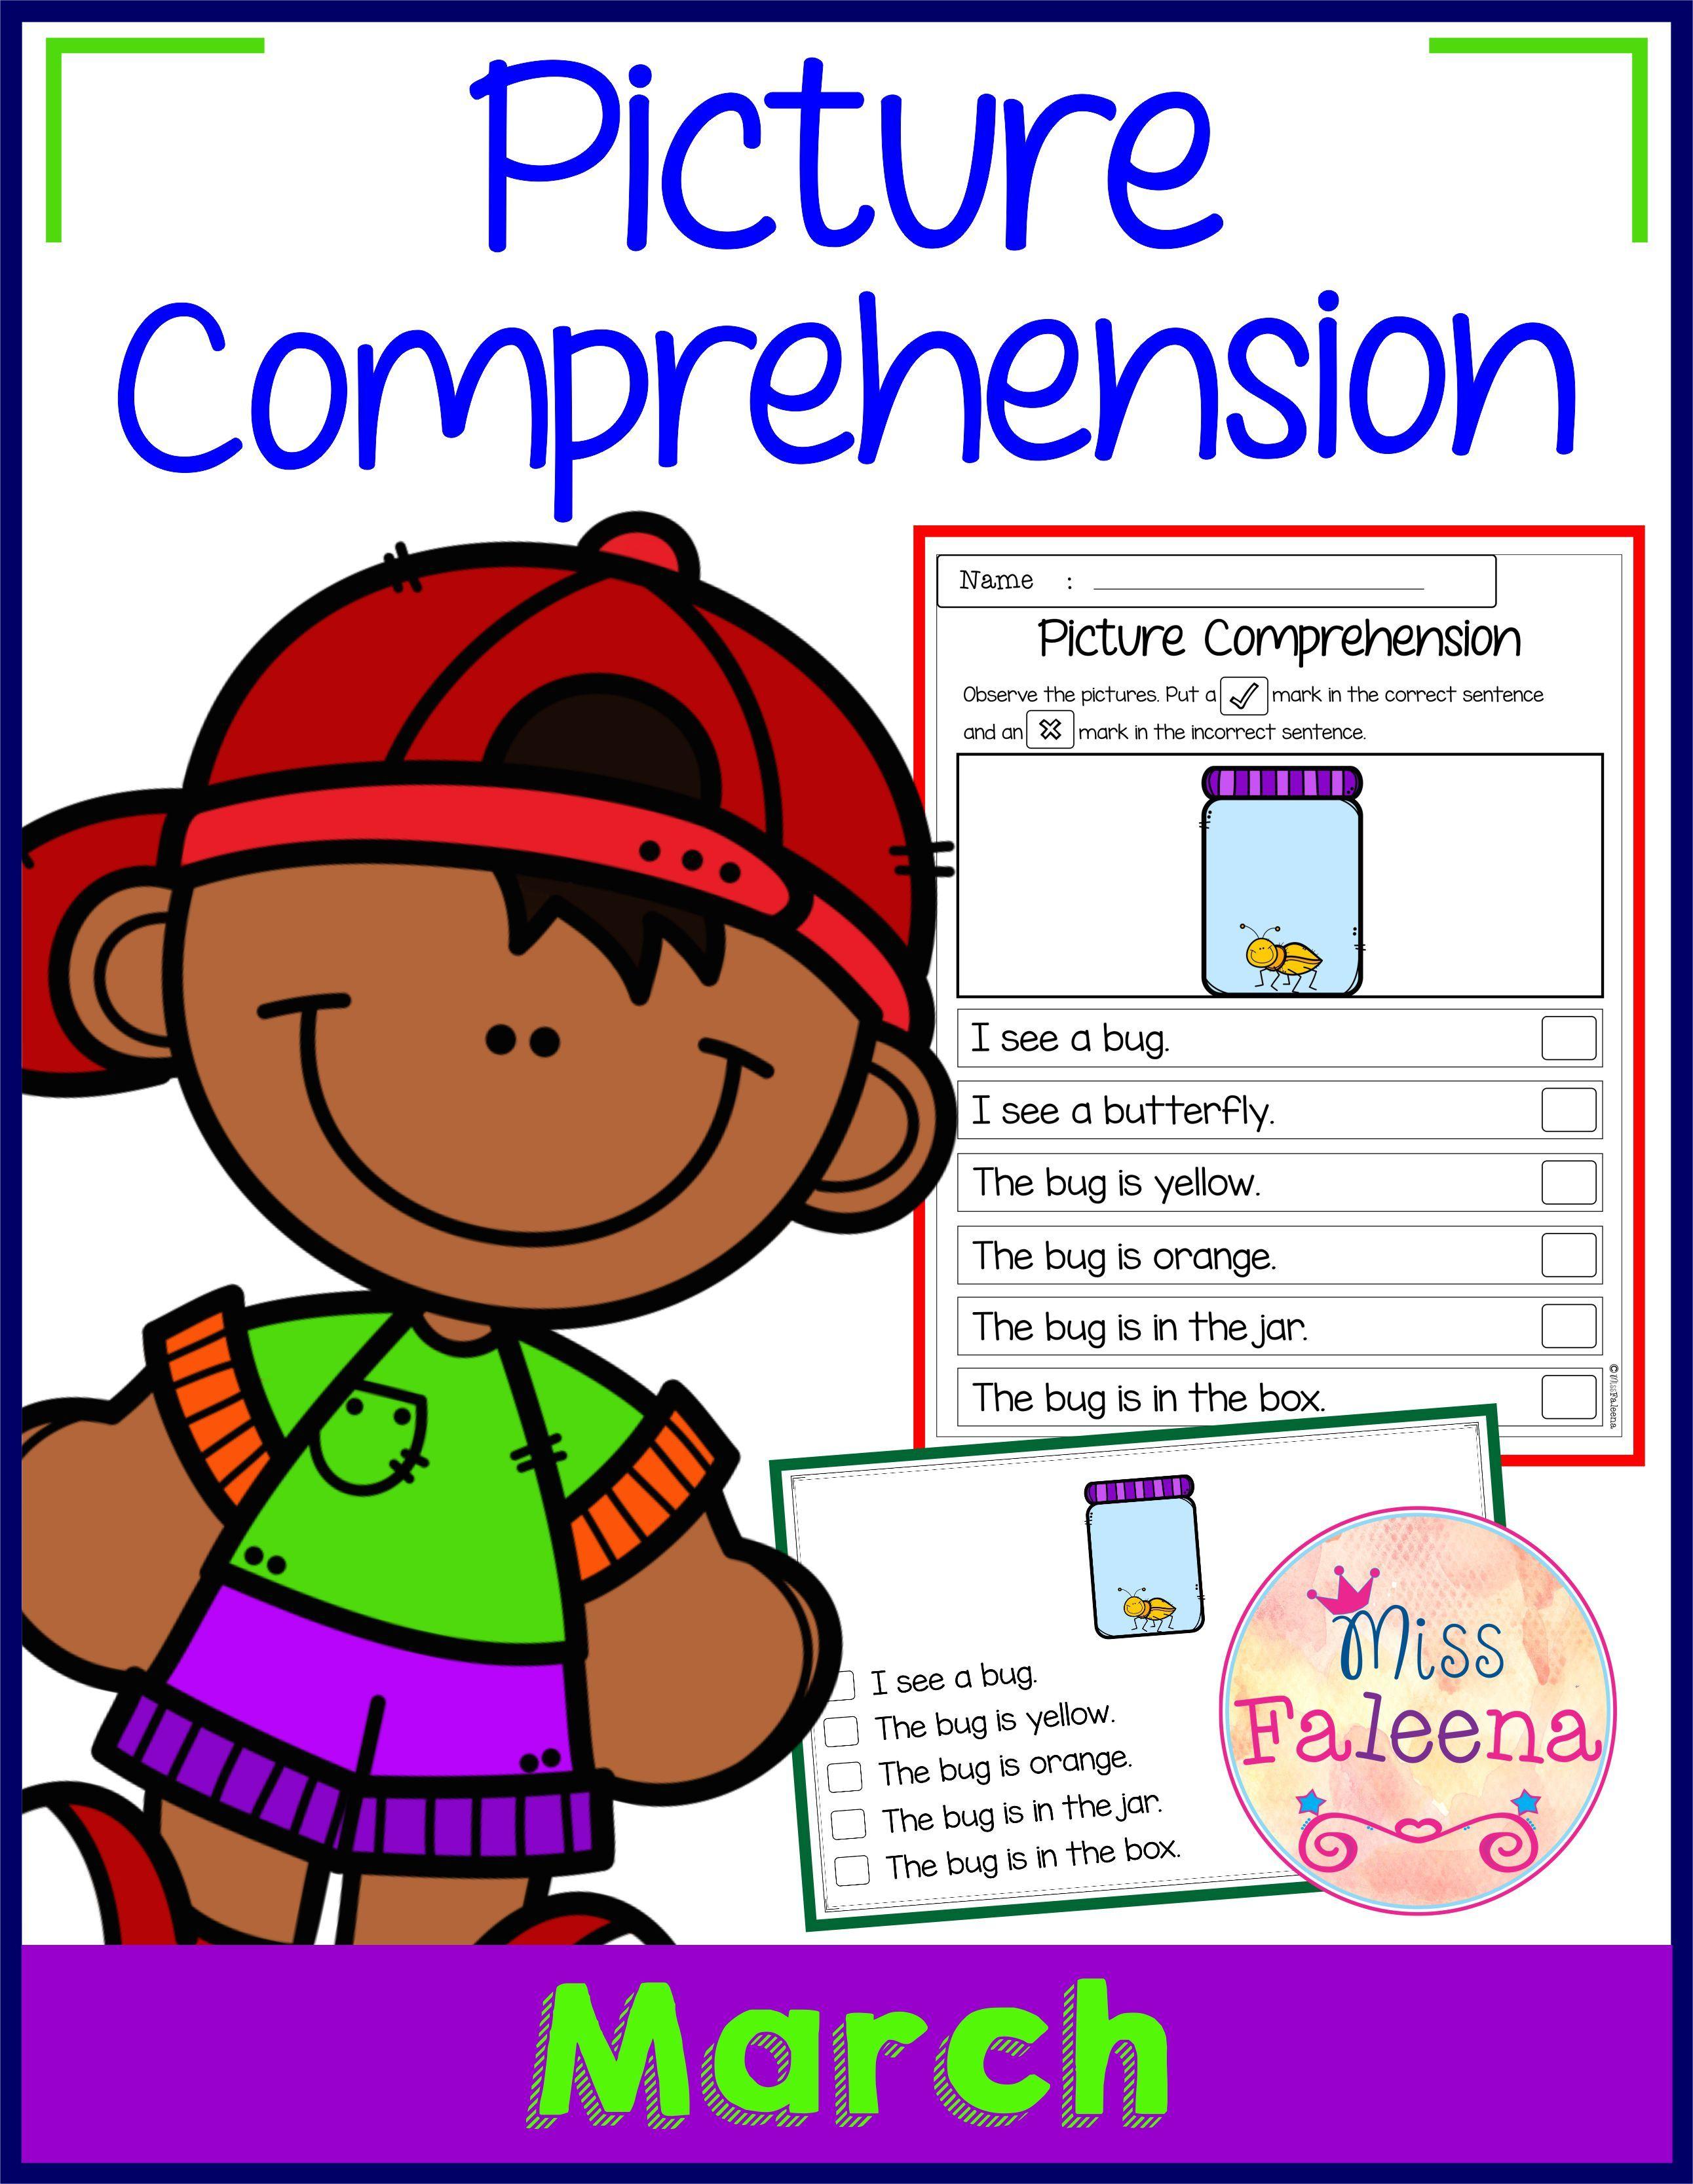 Worksheets Sentence Comprehension Worksheets march picture comprehension cards and worksheets worksheets